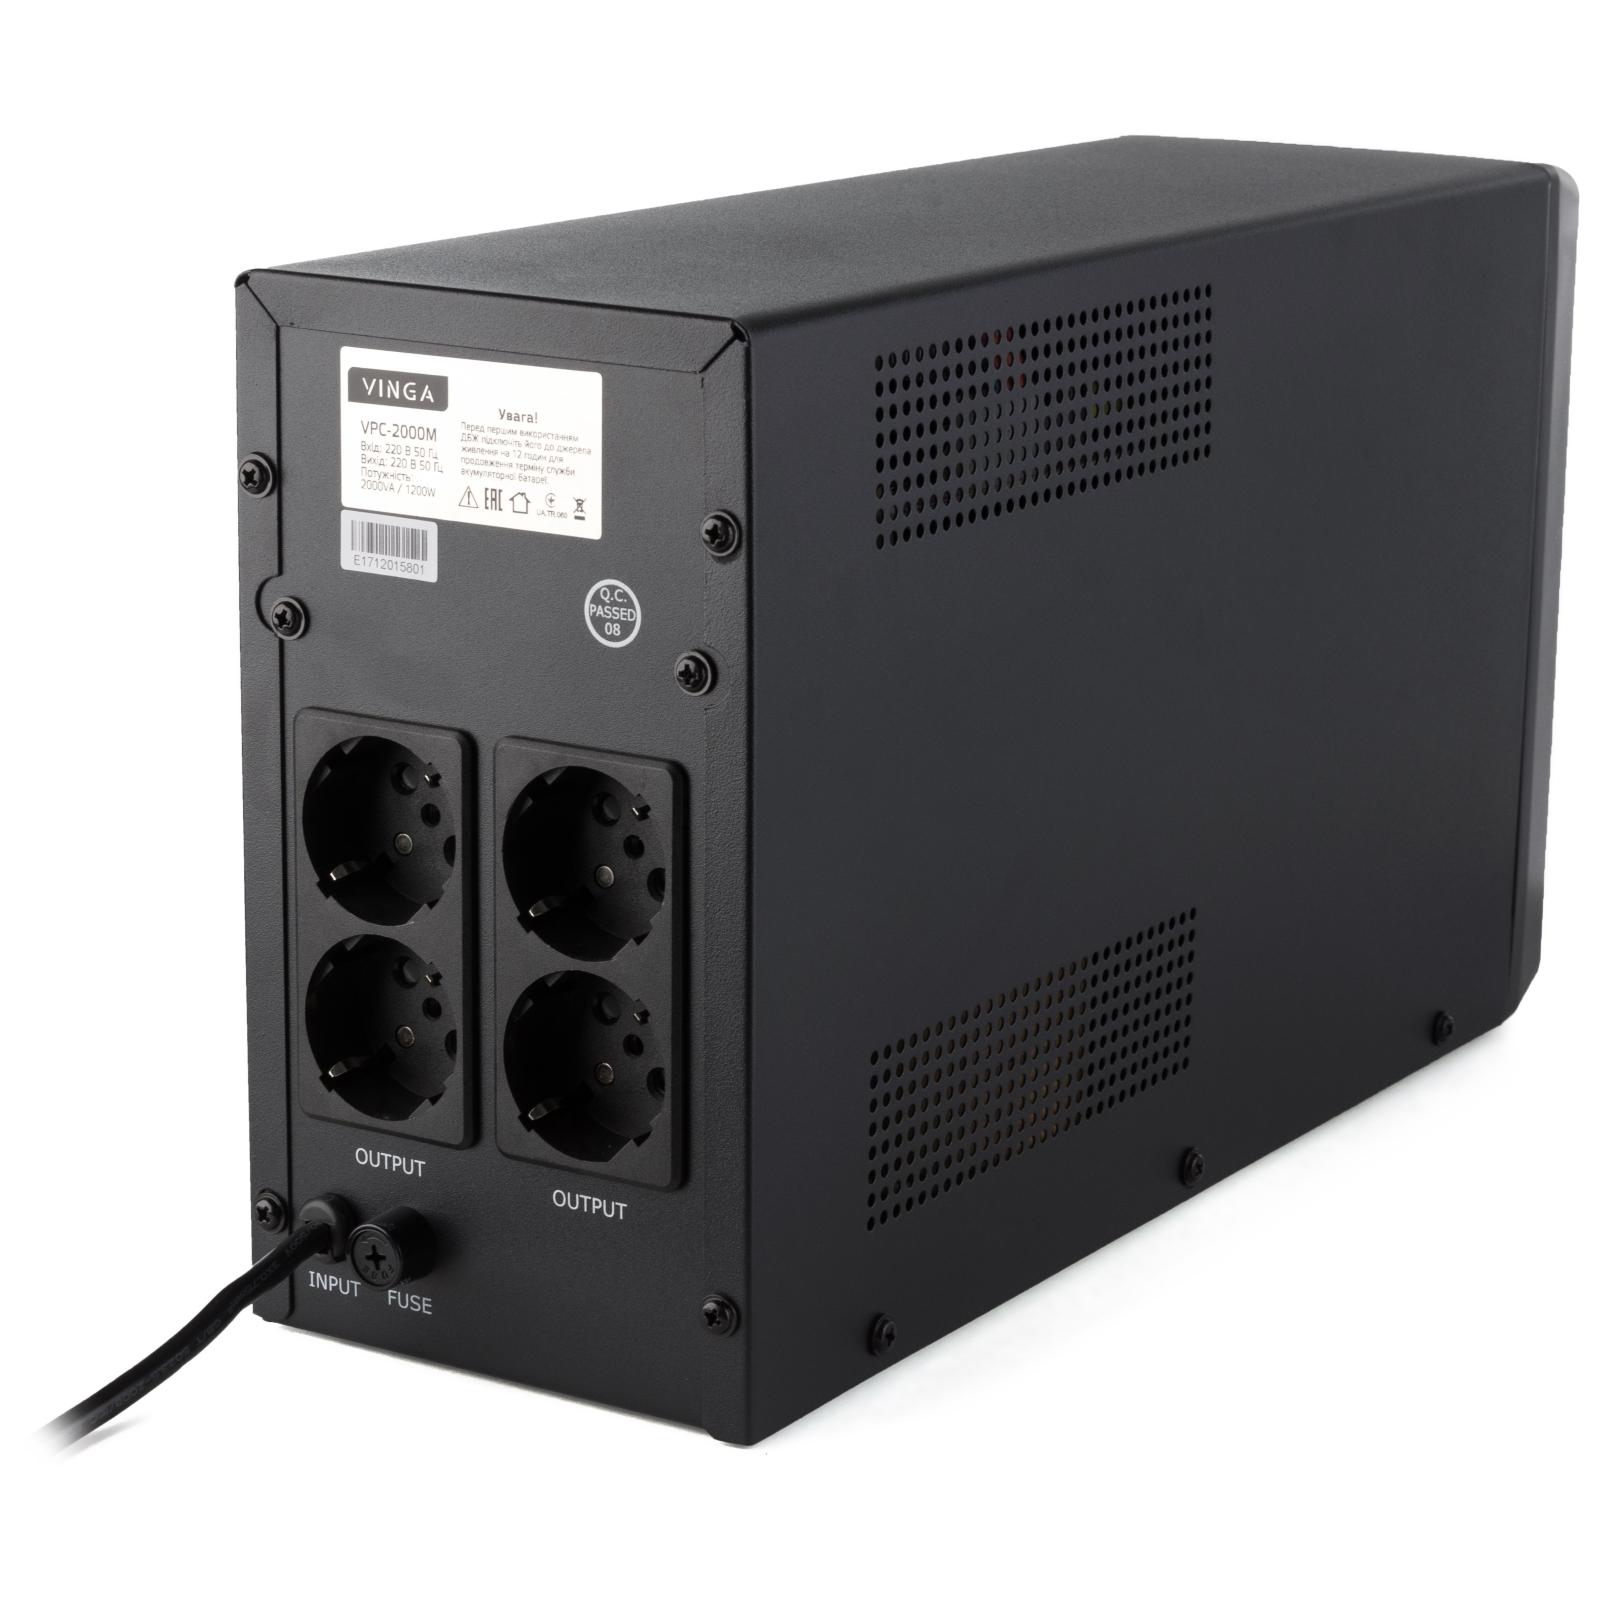 Источник бесперебойного питания Vinga LCD 2000VA metall case (VPC-2000M) изображение 9